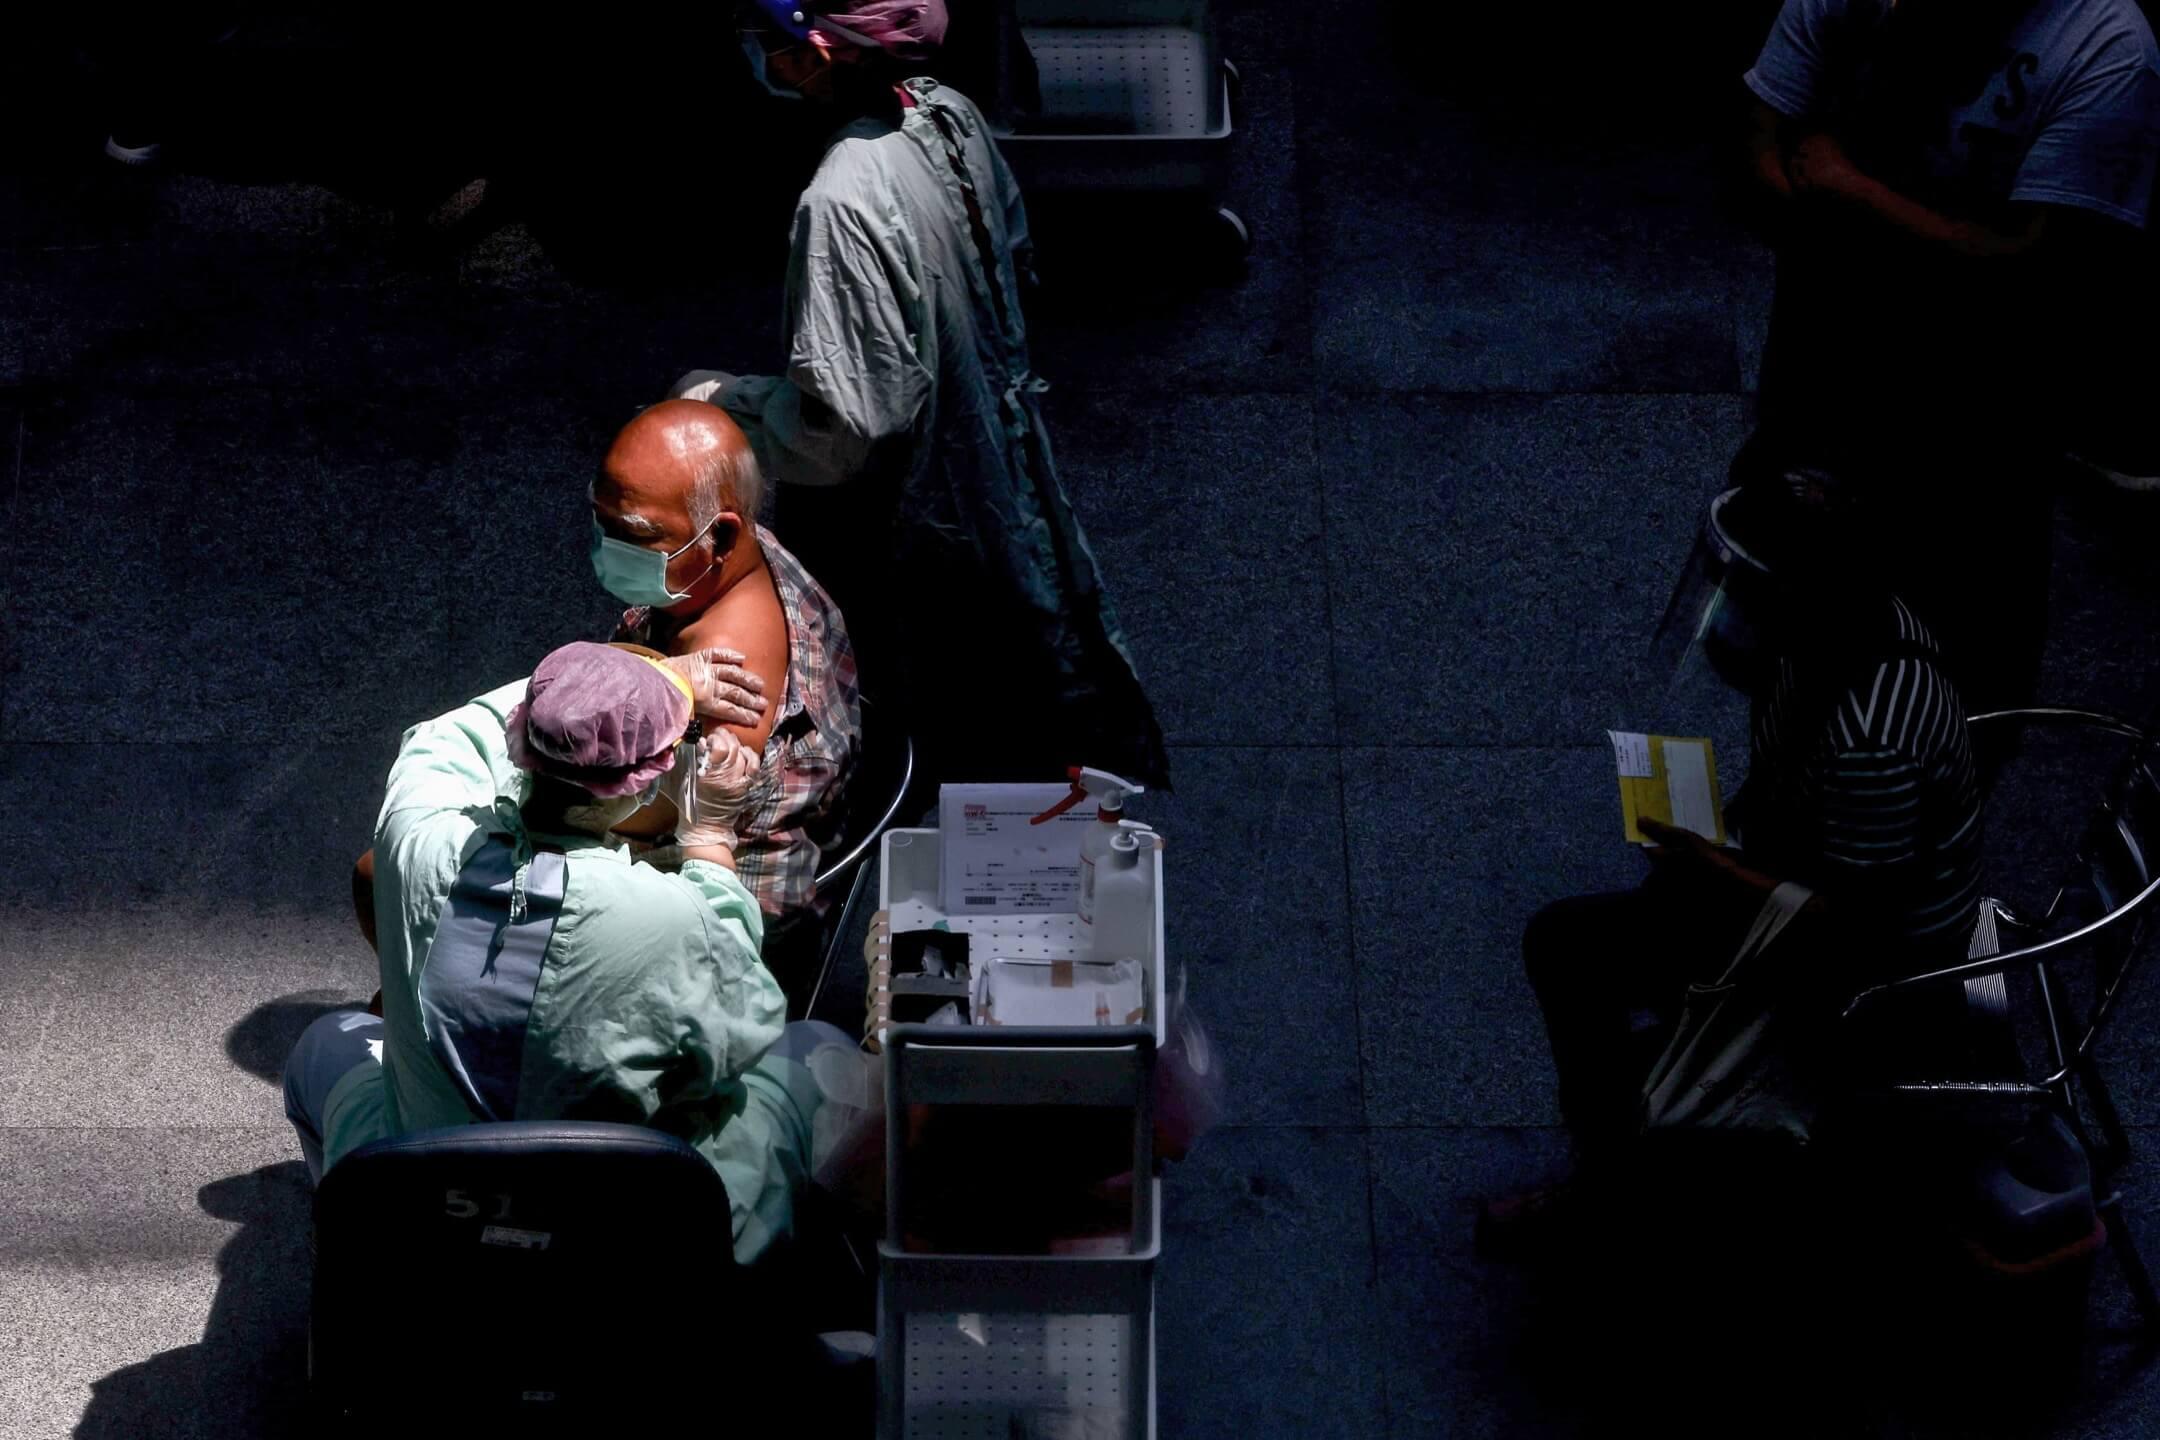 2021年7月3日,台灣台北市國立臺灣科學教育館,一位醫護人員為一名市民接種莫德納(Moderna)疫苗。 攝:Ann Wang/Reuters/達志影像